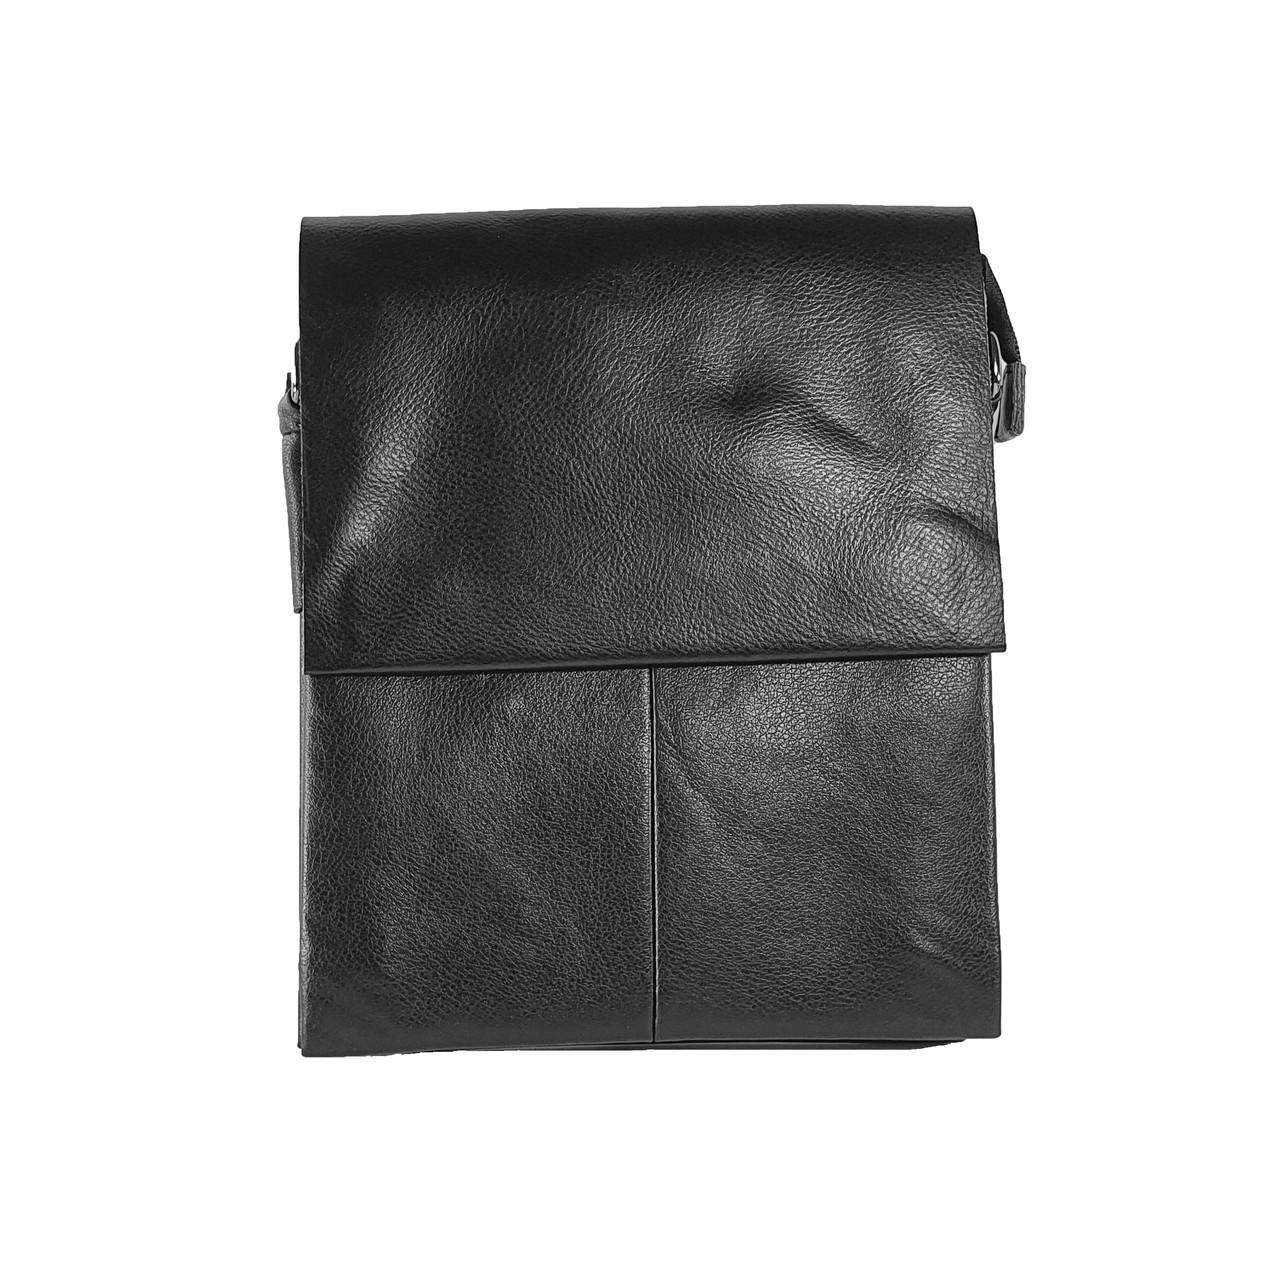 Многосекционная сумка с кожаным клапаном, большая